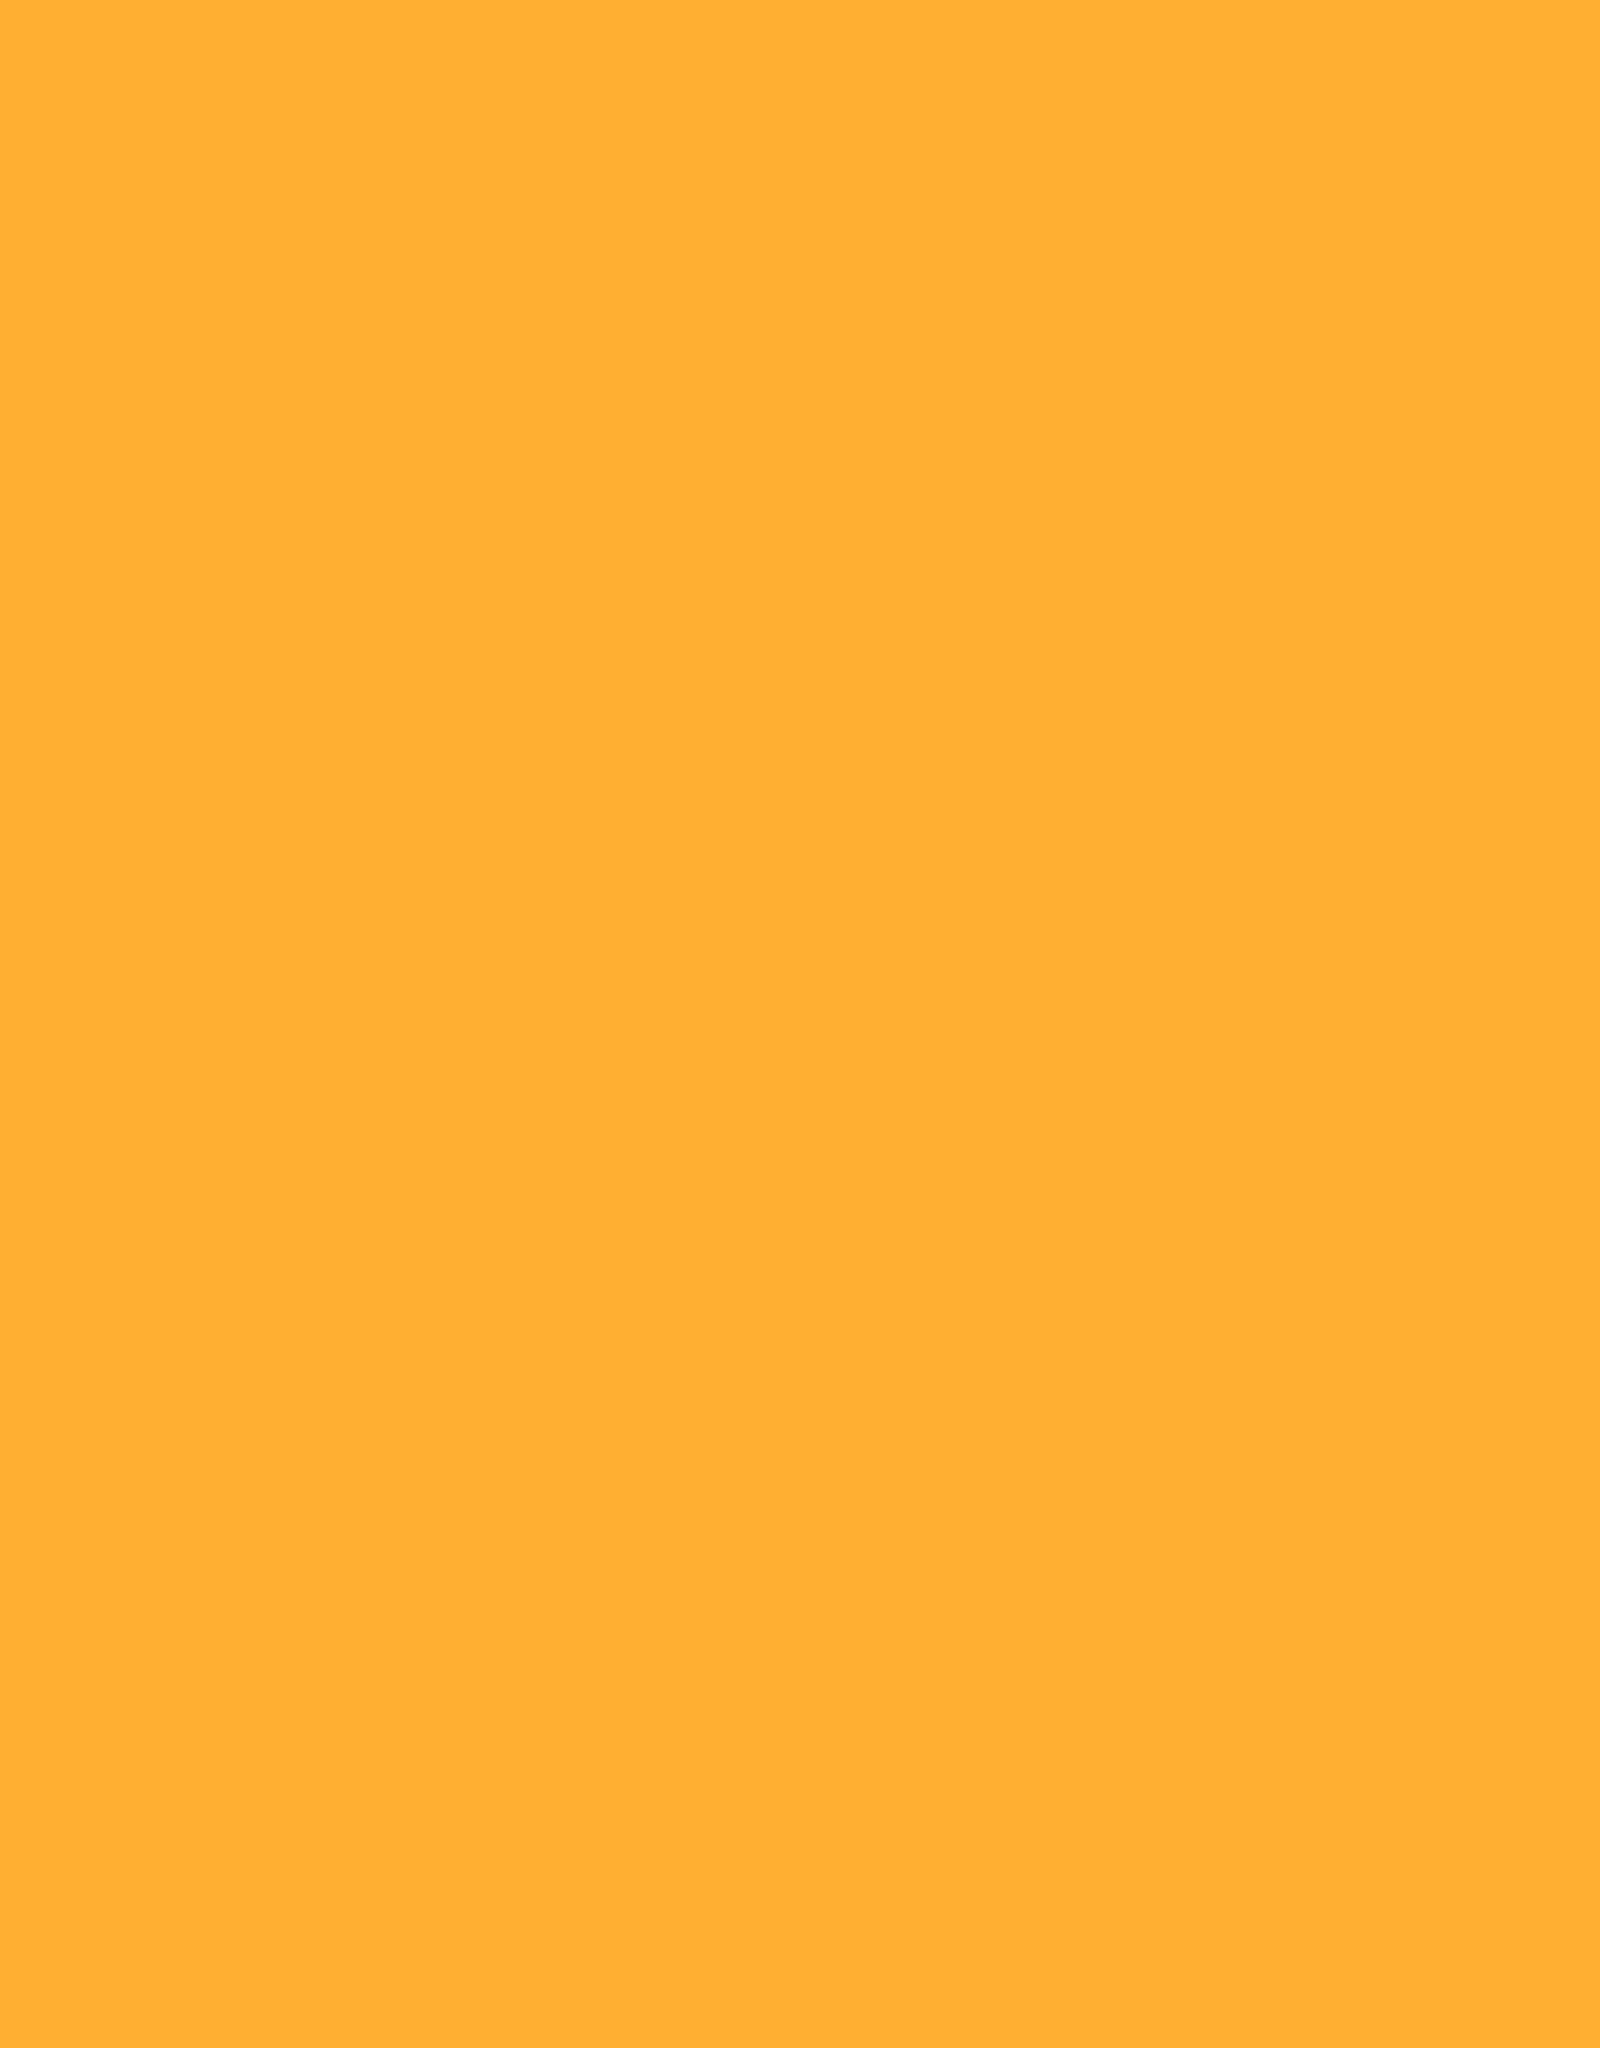 Superior Seamless Superior Seamless Forsythia Yellow #14